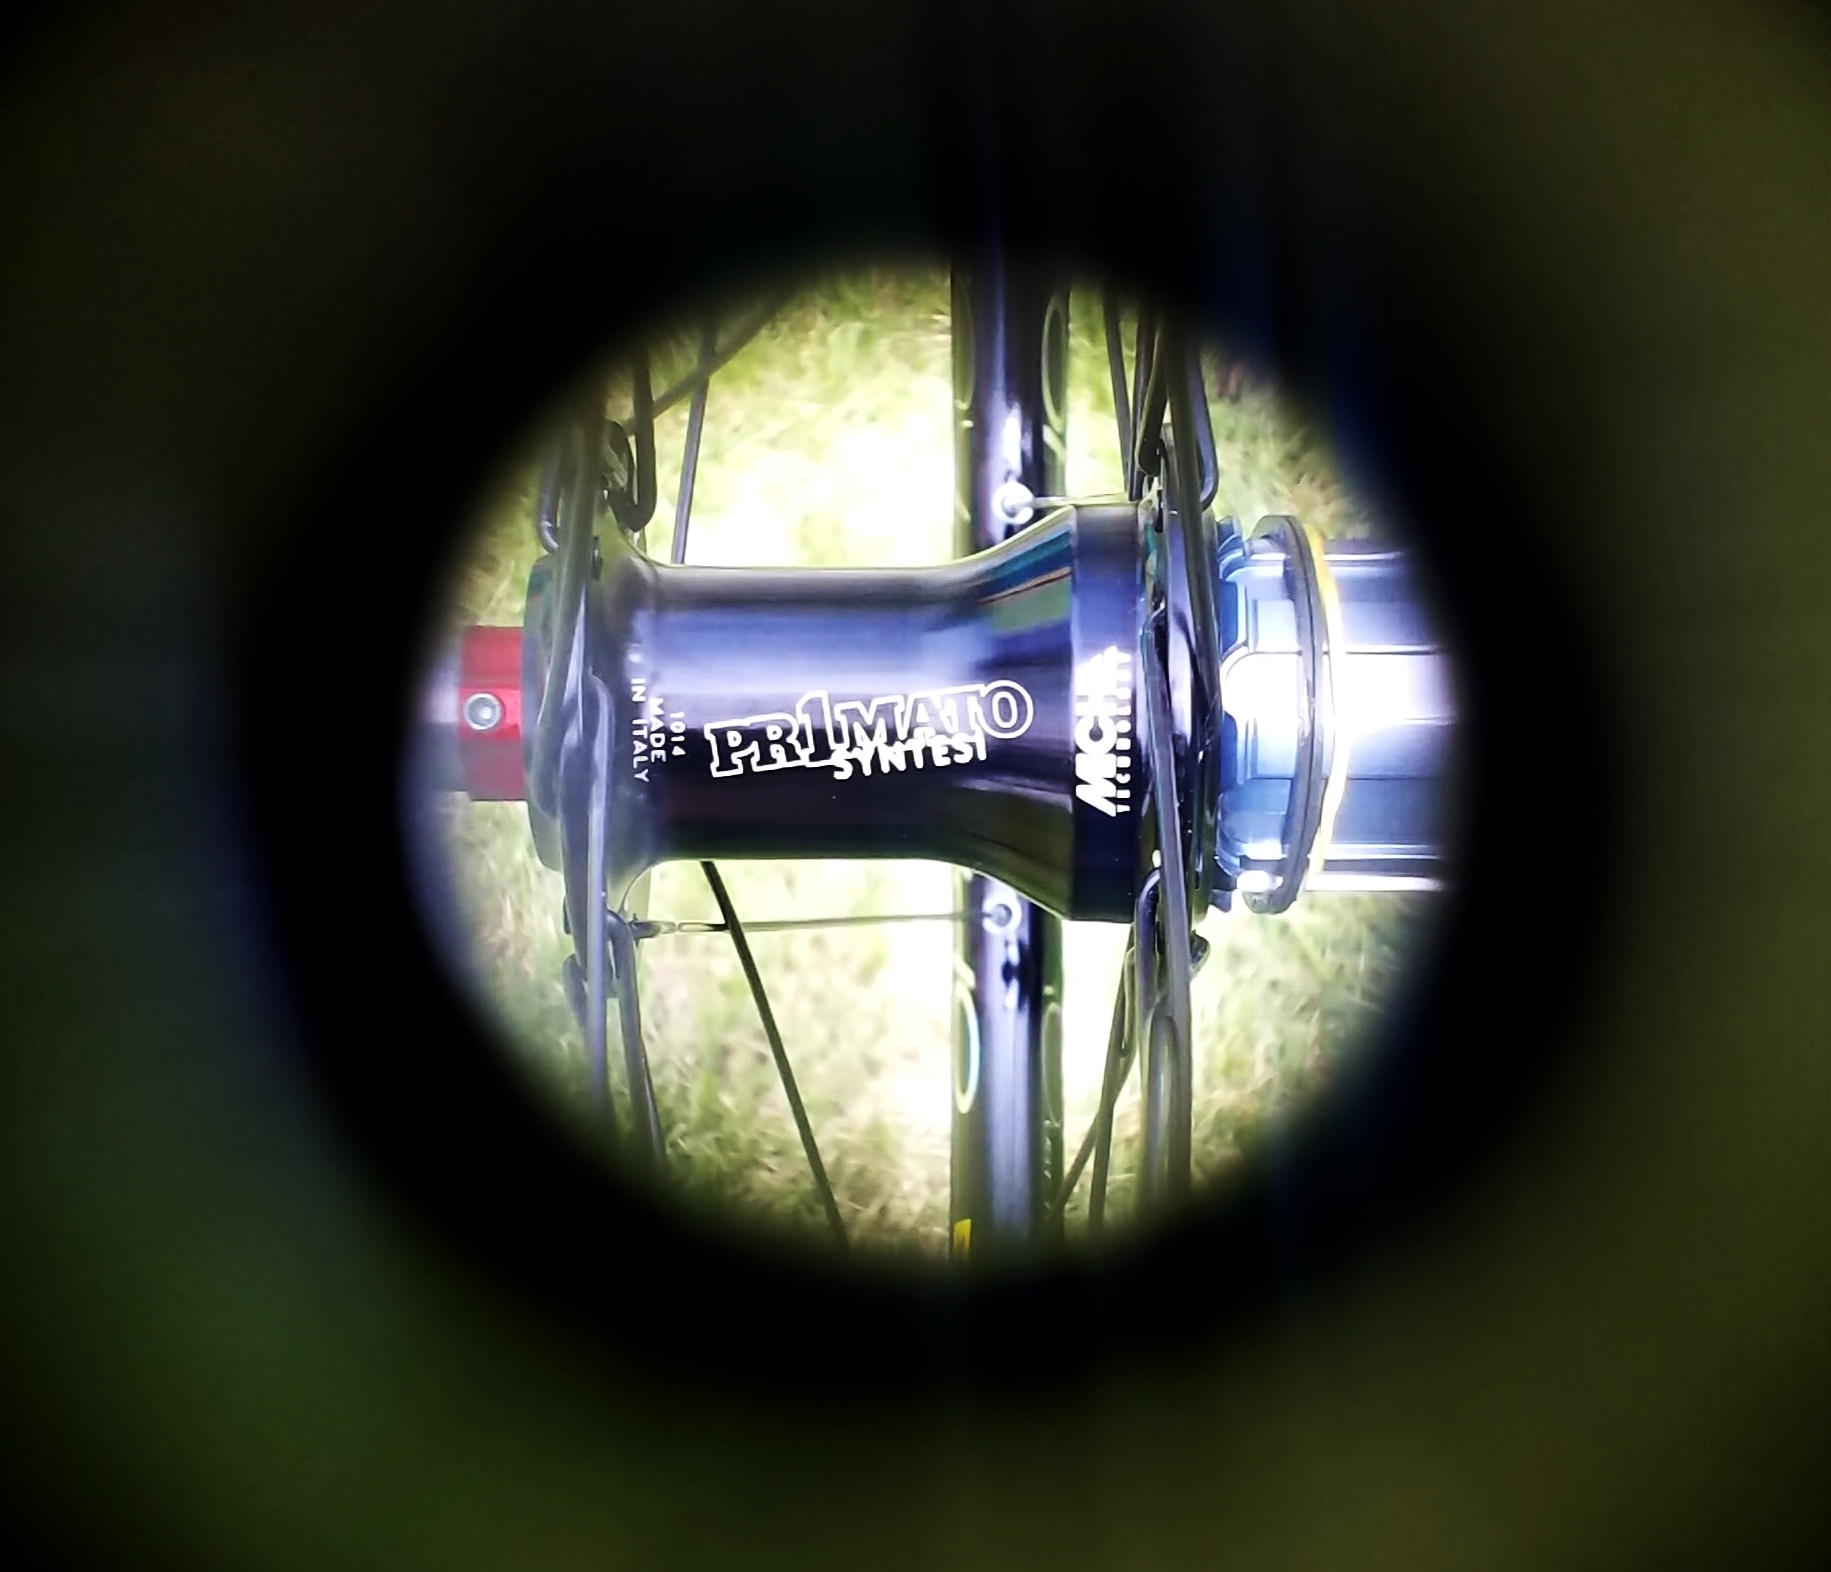 A little valve hole vision